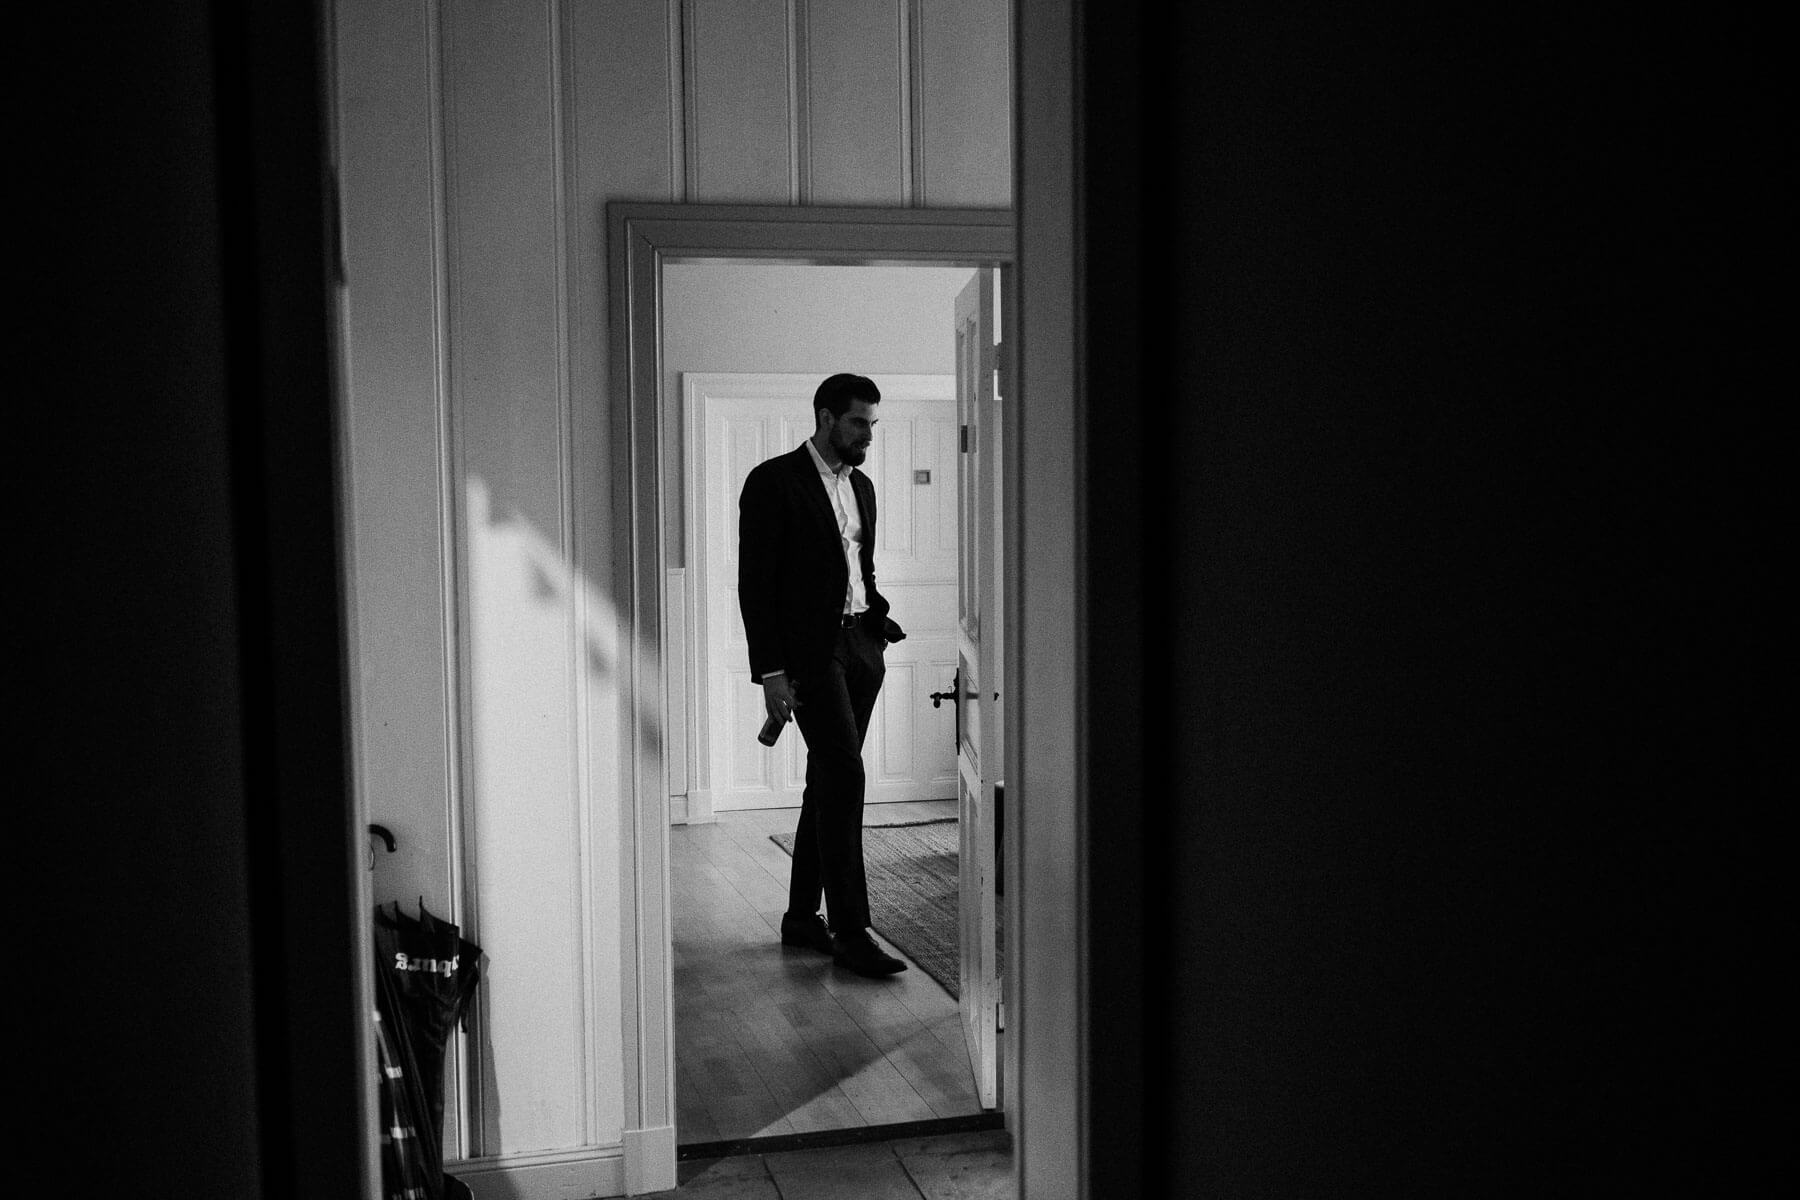 hinter einer offen stehenden Tür in einem Landhaus steht ein Mann in einem schwarzen Anzug, die Tür ist mit Holz verkleidet, die Sonne scheint in das Zimmer